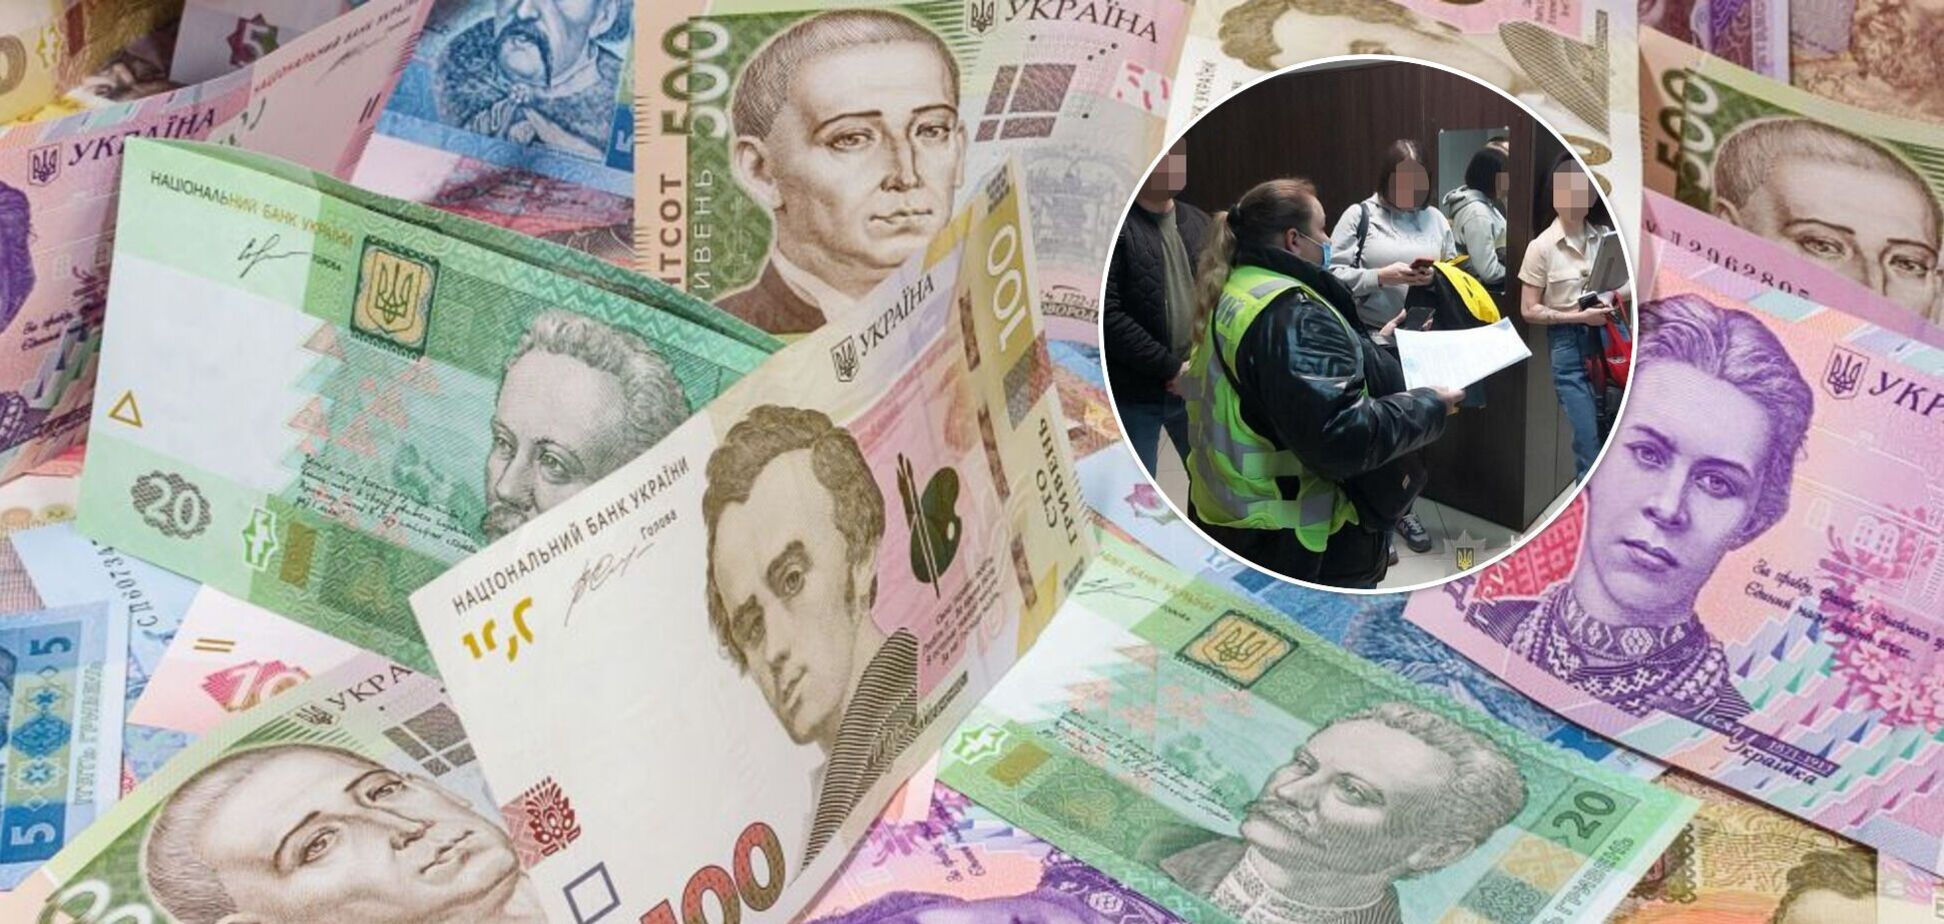 В Киеве фиктивные коллекторы угрожали людям и выбивали из них несуществующие долги. Фото